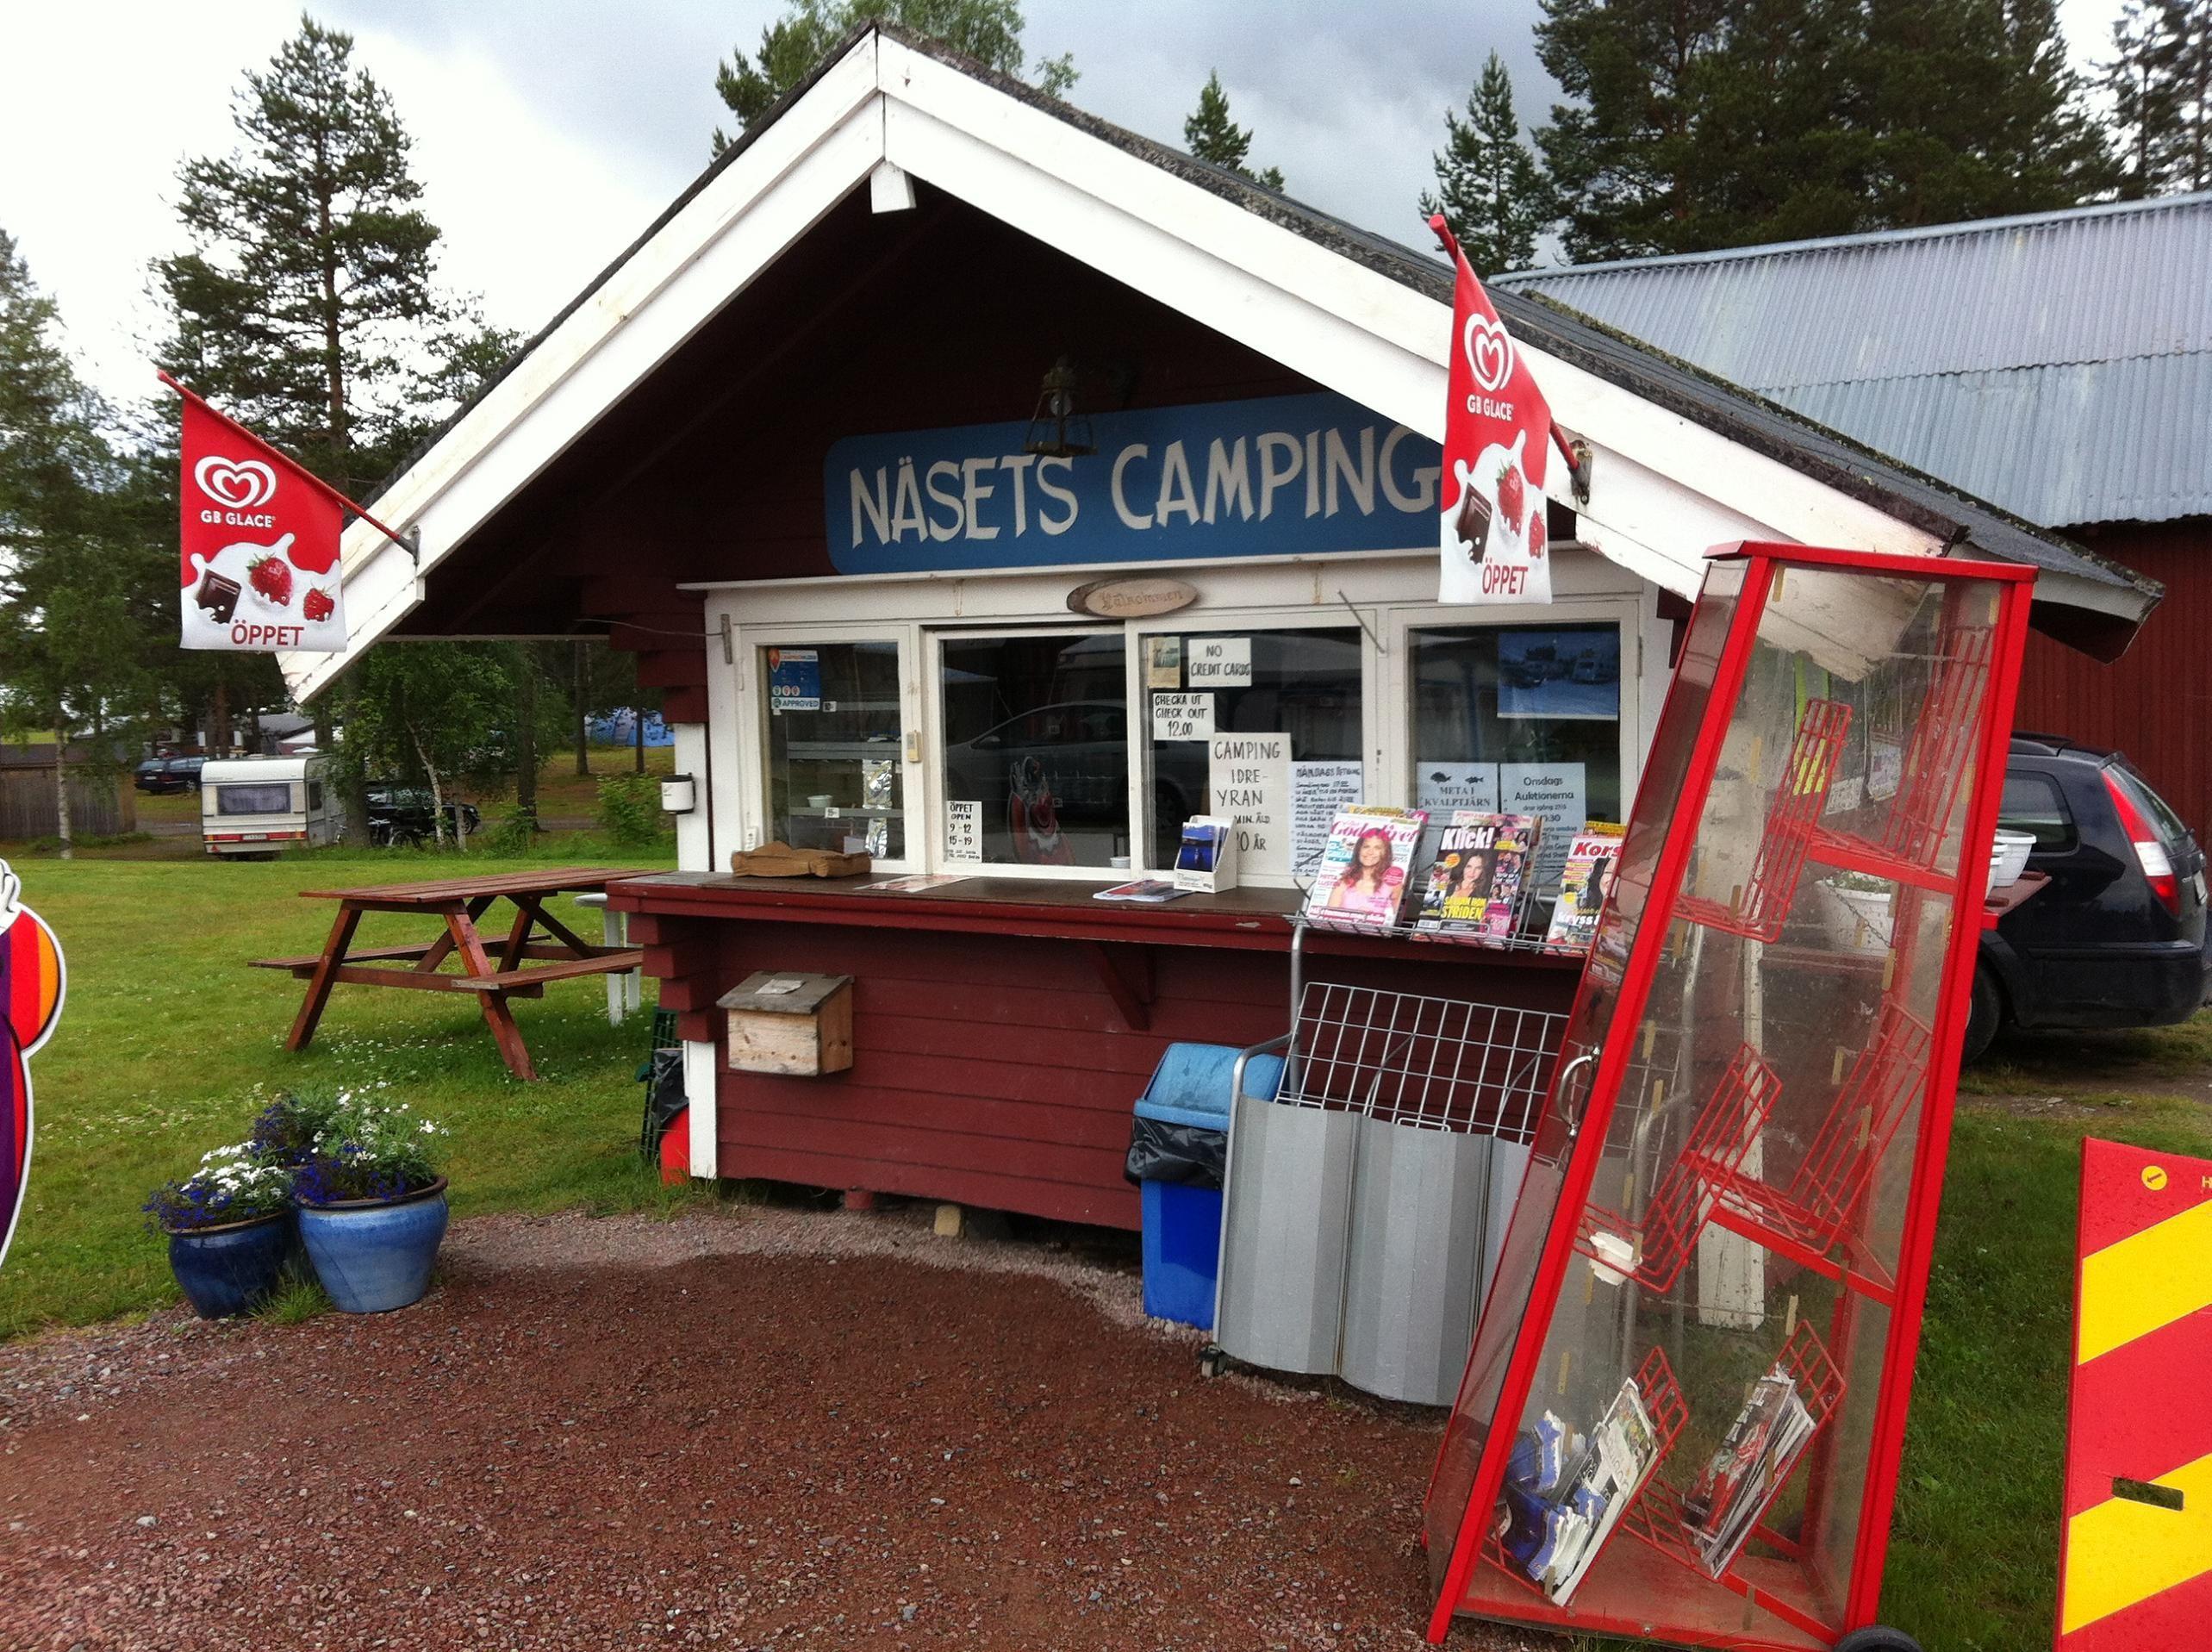 Näsets Camping